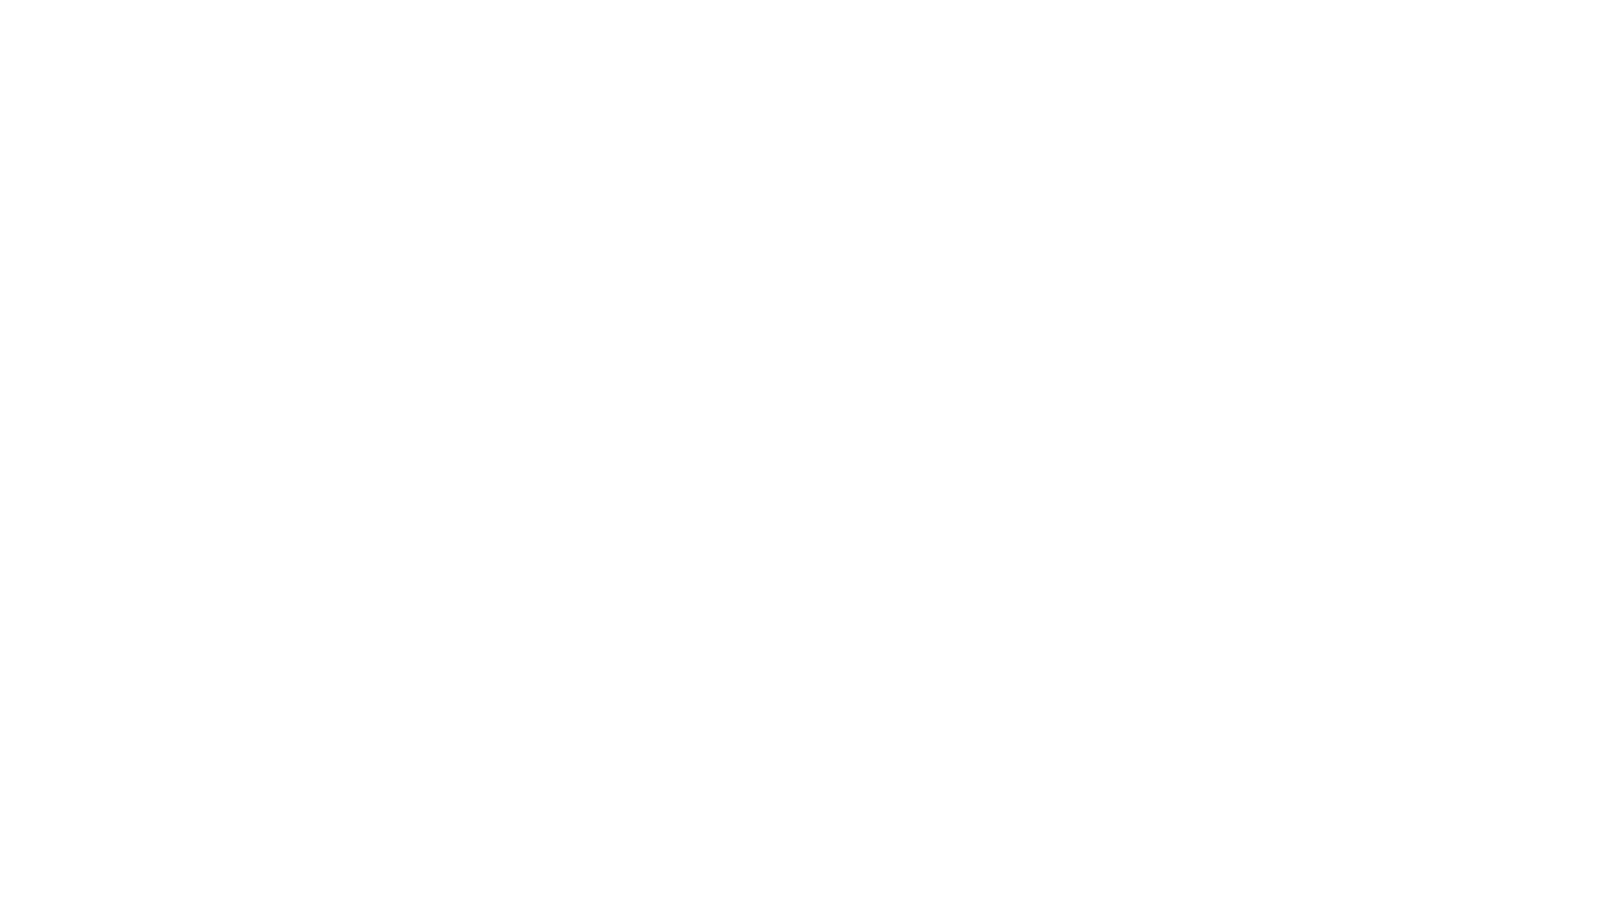 Discover a world of communication from KSP Reportages  You probably know the photos credited to KSP from the news published by Kartcom. But do you know that this is only a tiny part of the work of the KSP Reportages agency?  You might be surprised to discover the extent of the services and products offered by the agency 100% dedicated to motorsport communication.   During the long period of sporting inactivity in the spring of 2020, KSP Reportages has fine-tuned a new website, which presents the full range of the agency's skills and achievements within karting and motor racing.   Visit kspreportages.com and boost your communication with specialists who fuel innovation and quality!  https://kspreportages.com/  -------------------------------  Découvrez l'univers de la communication selon KSP Reportages  Vous connaissez sans doute les photos signées KSP sur les news publiées par Kartcom. Mais savez-vous que ce n'est qu'une infime partie du travail de l'agence KSP Reportages ?  Vous risquez d'être surpris de découvrir l'étendue des services et des produits proposés par l'agence dédiée à 100 % à la communication du sport automobile.   Pendant la longue période d'inactivité sportive du printemps 2020, KSP Reportages a peaufiné un nouveau site internet présentant toute la palette des compétences et des réalisations de l'agence autour de la compétition karting et auto.   Visitez kspreportages.com et boostez votre communication avec des spécialistes qui carburent à l'innovation et à la qualité !  https://kspreportages.com/